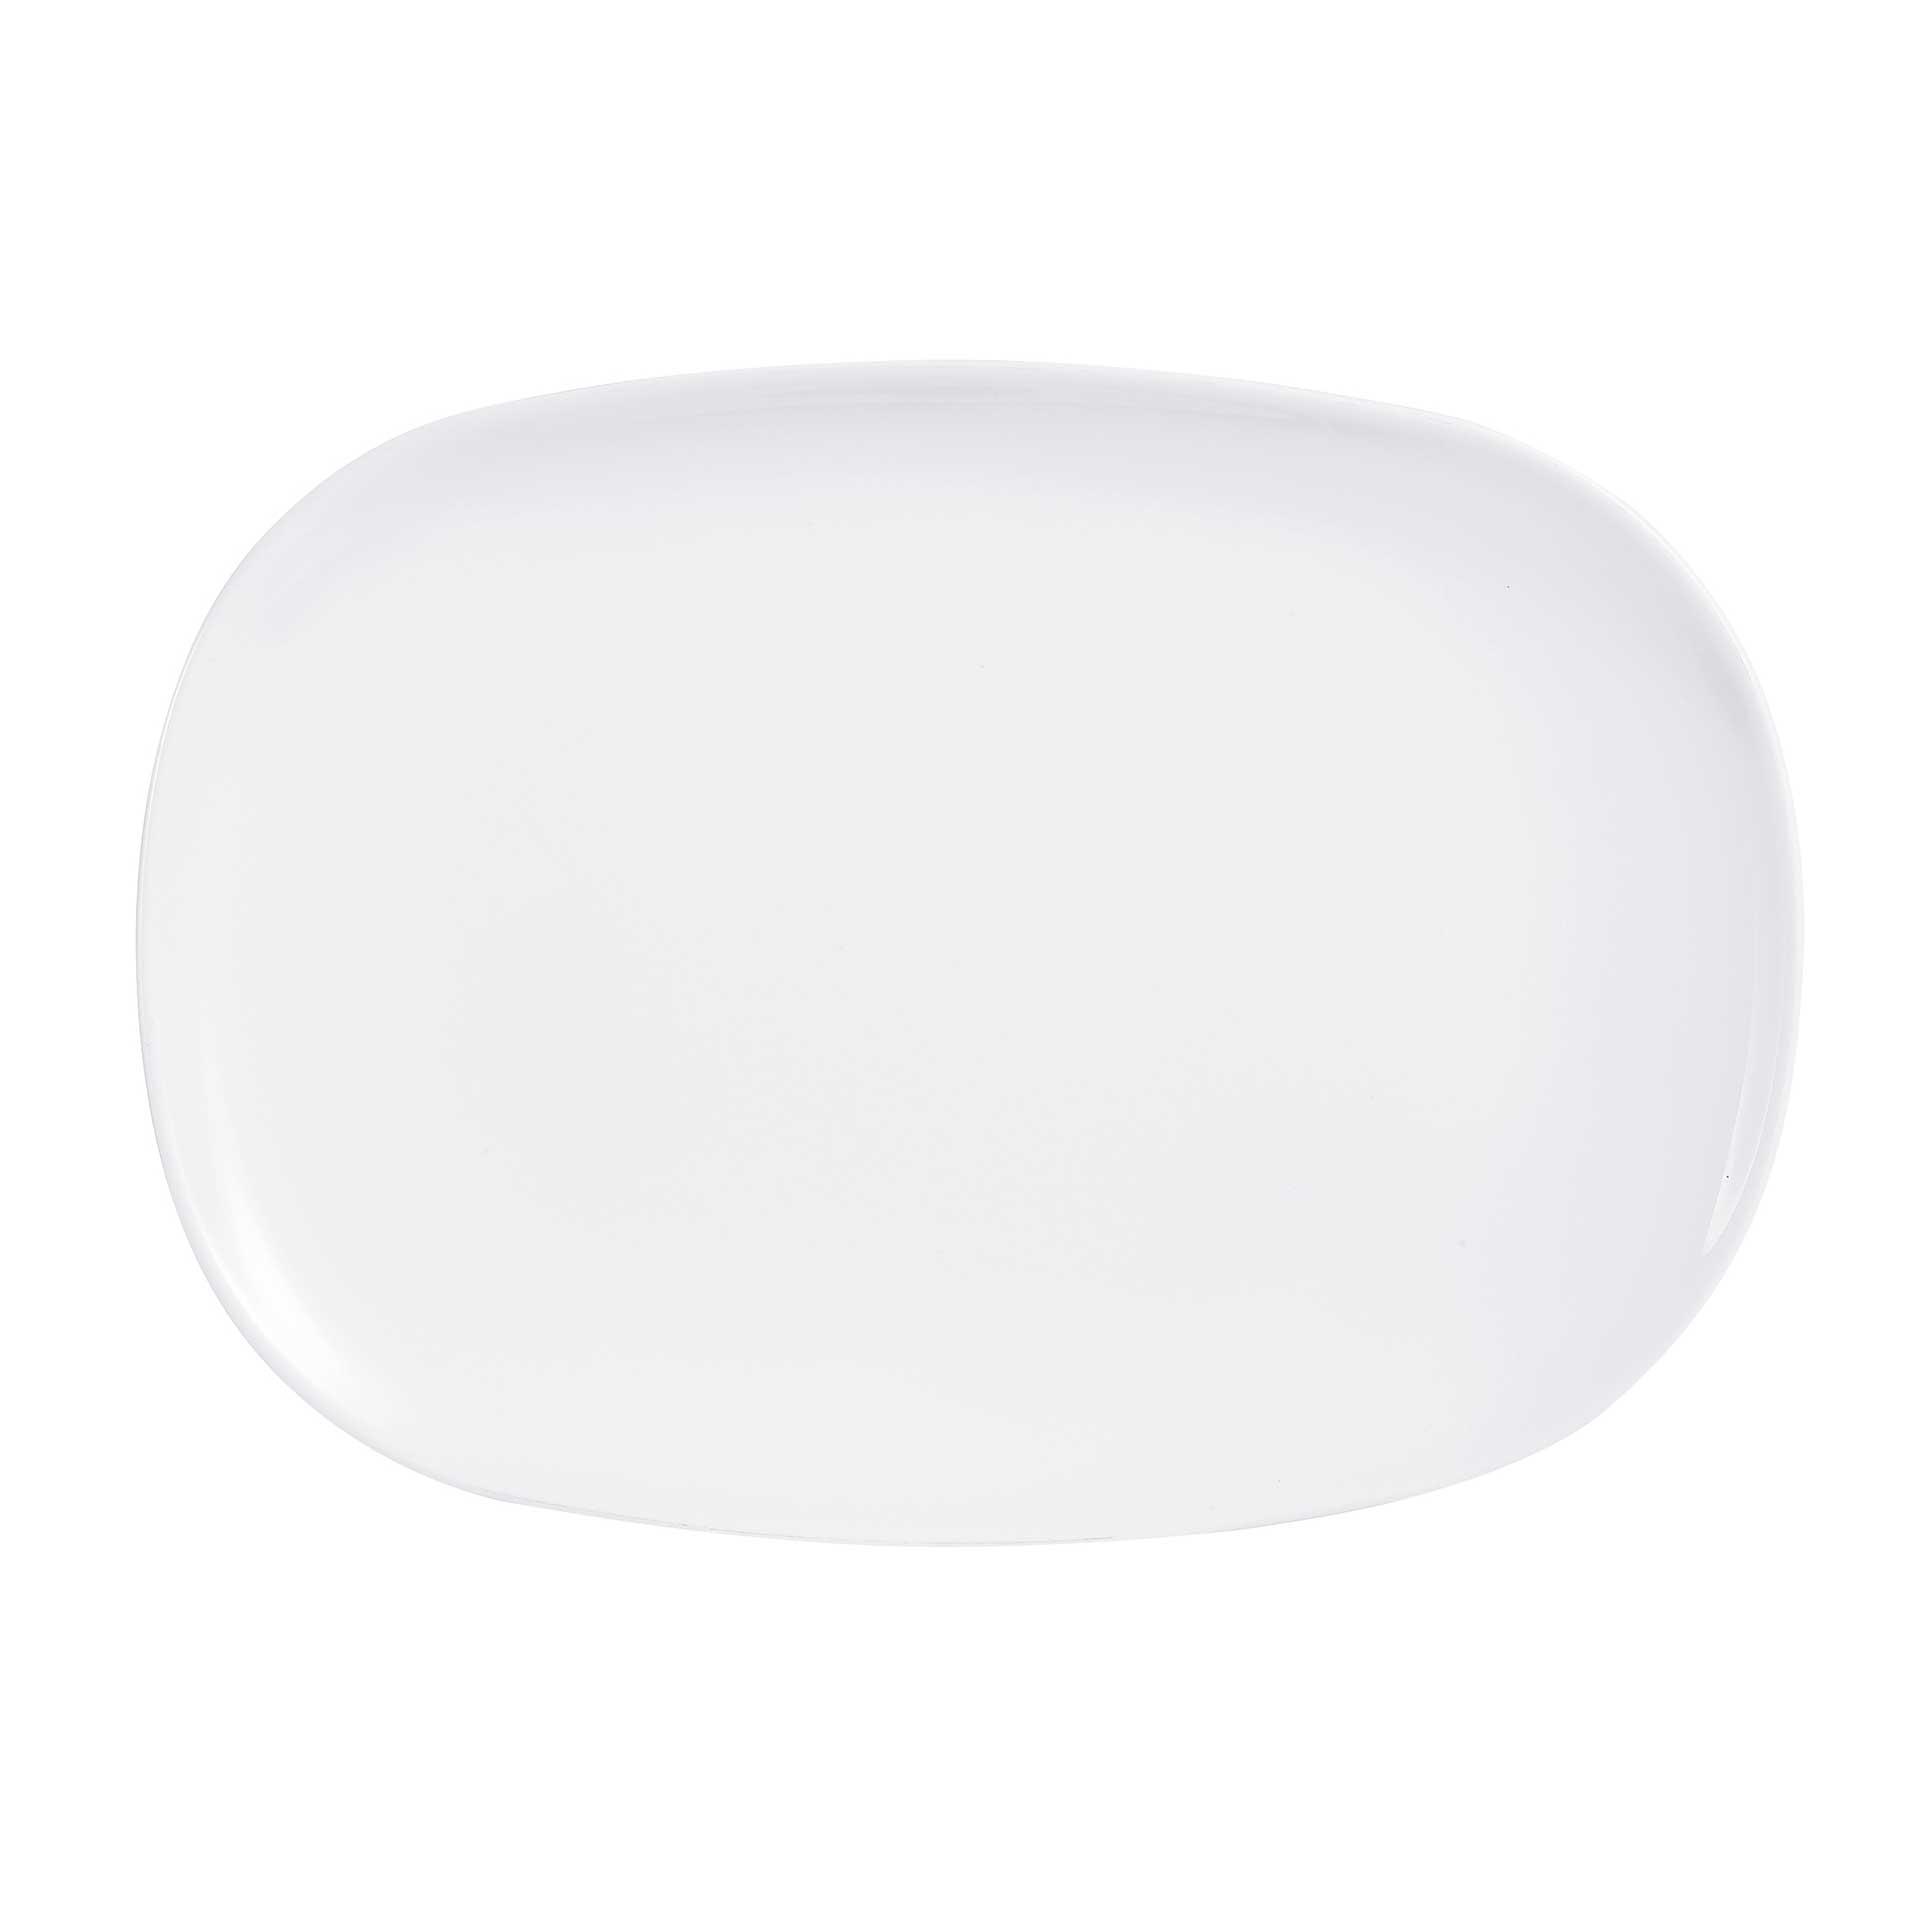 Cardinal N9402 platter, glass